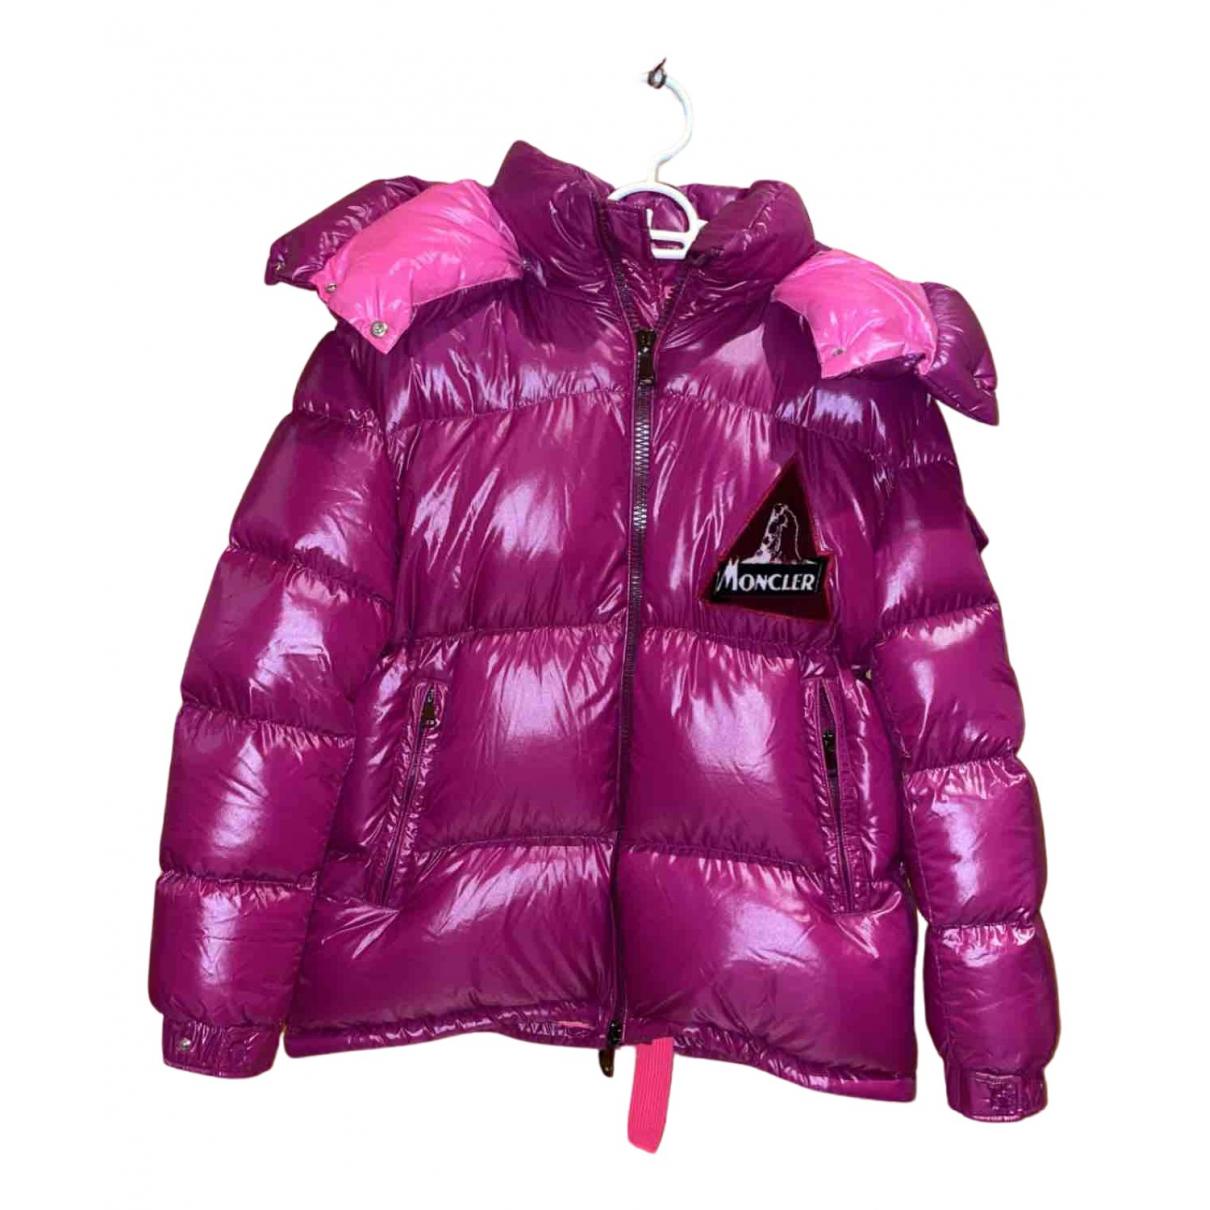 Moncler - Manteau   pour femme - violet